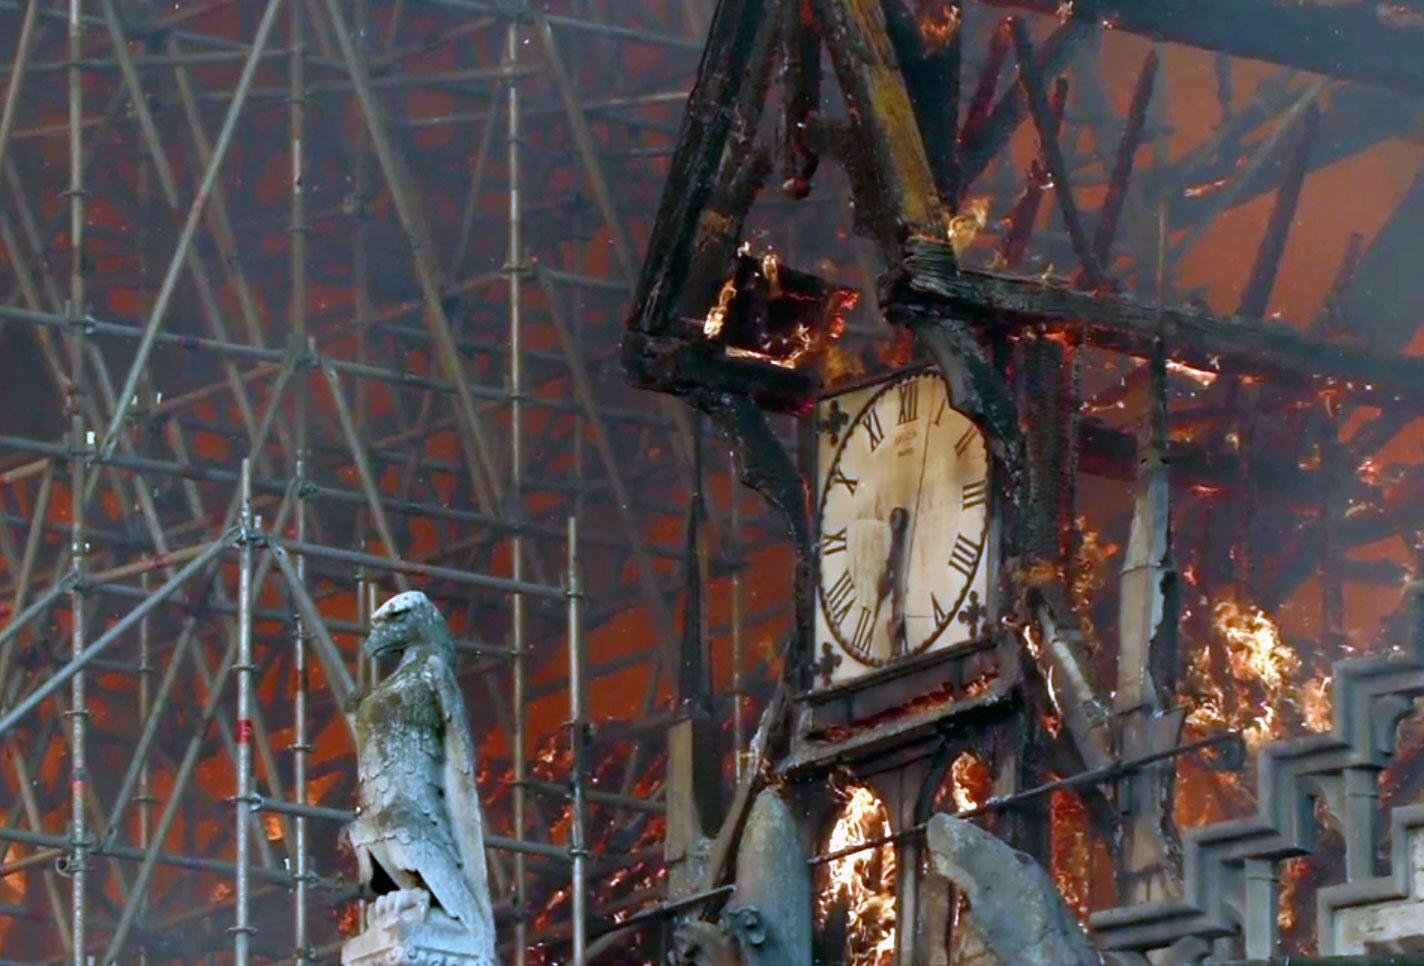 O mecanismo do relógio da Notre-Dame ficava no centro do sótão, ou seja, na parte onde o incêndio começou, e derreteu.